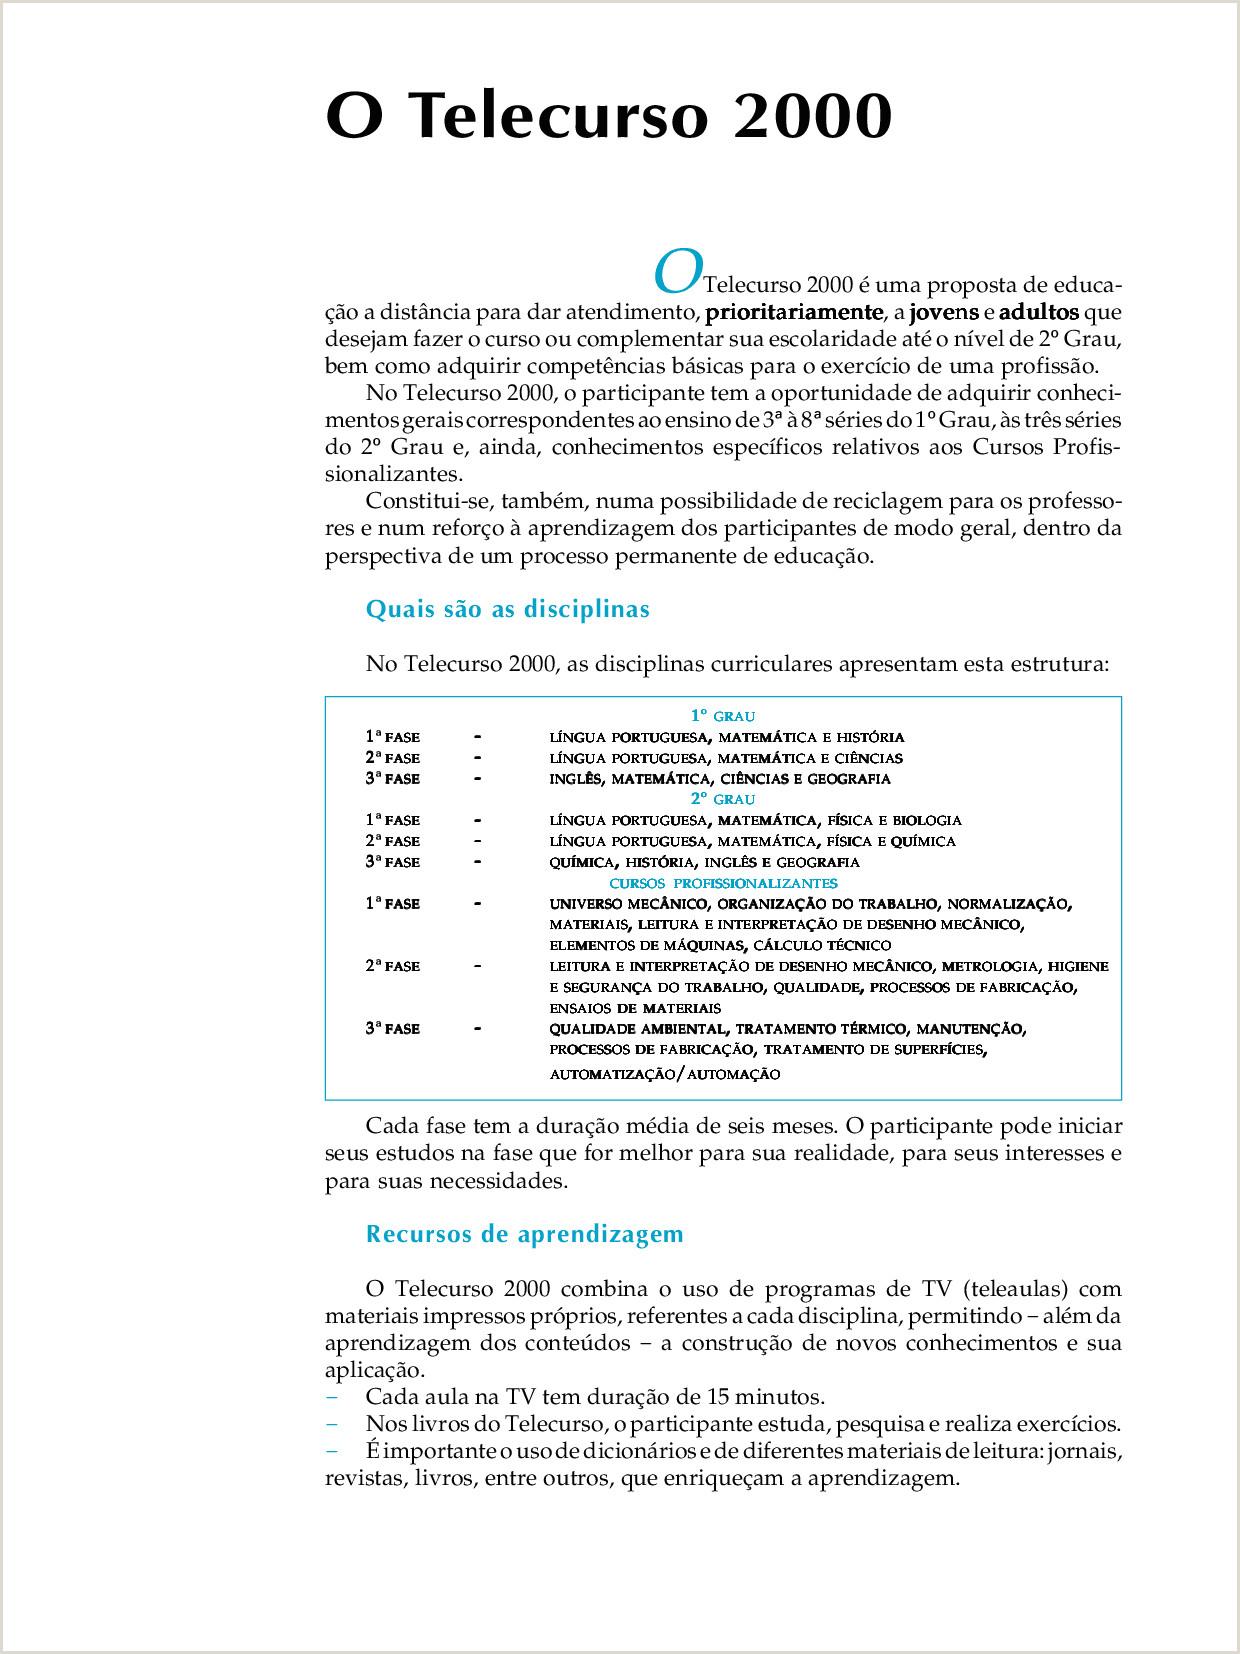 Montar Curriculo Simples Matemática Pleta O Telecurso 2000 é Uma Proposta De